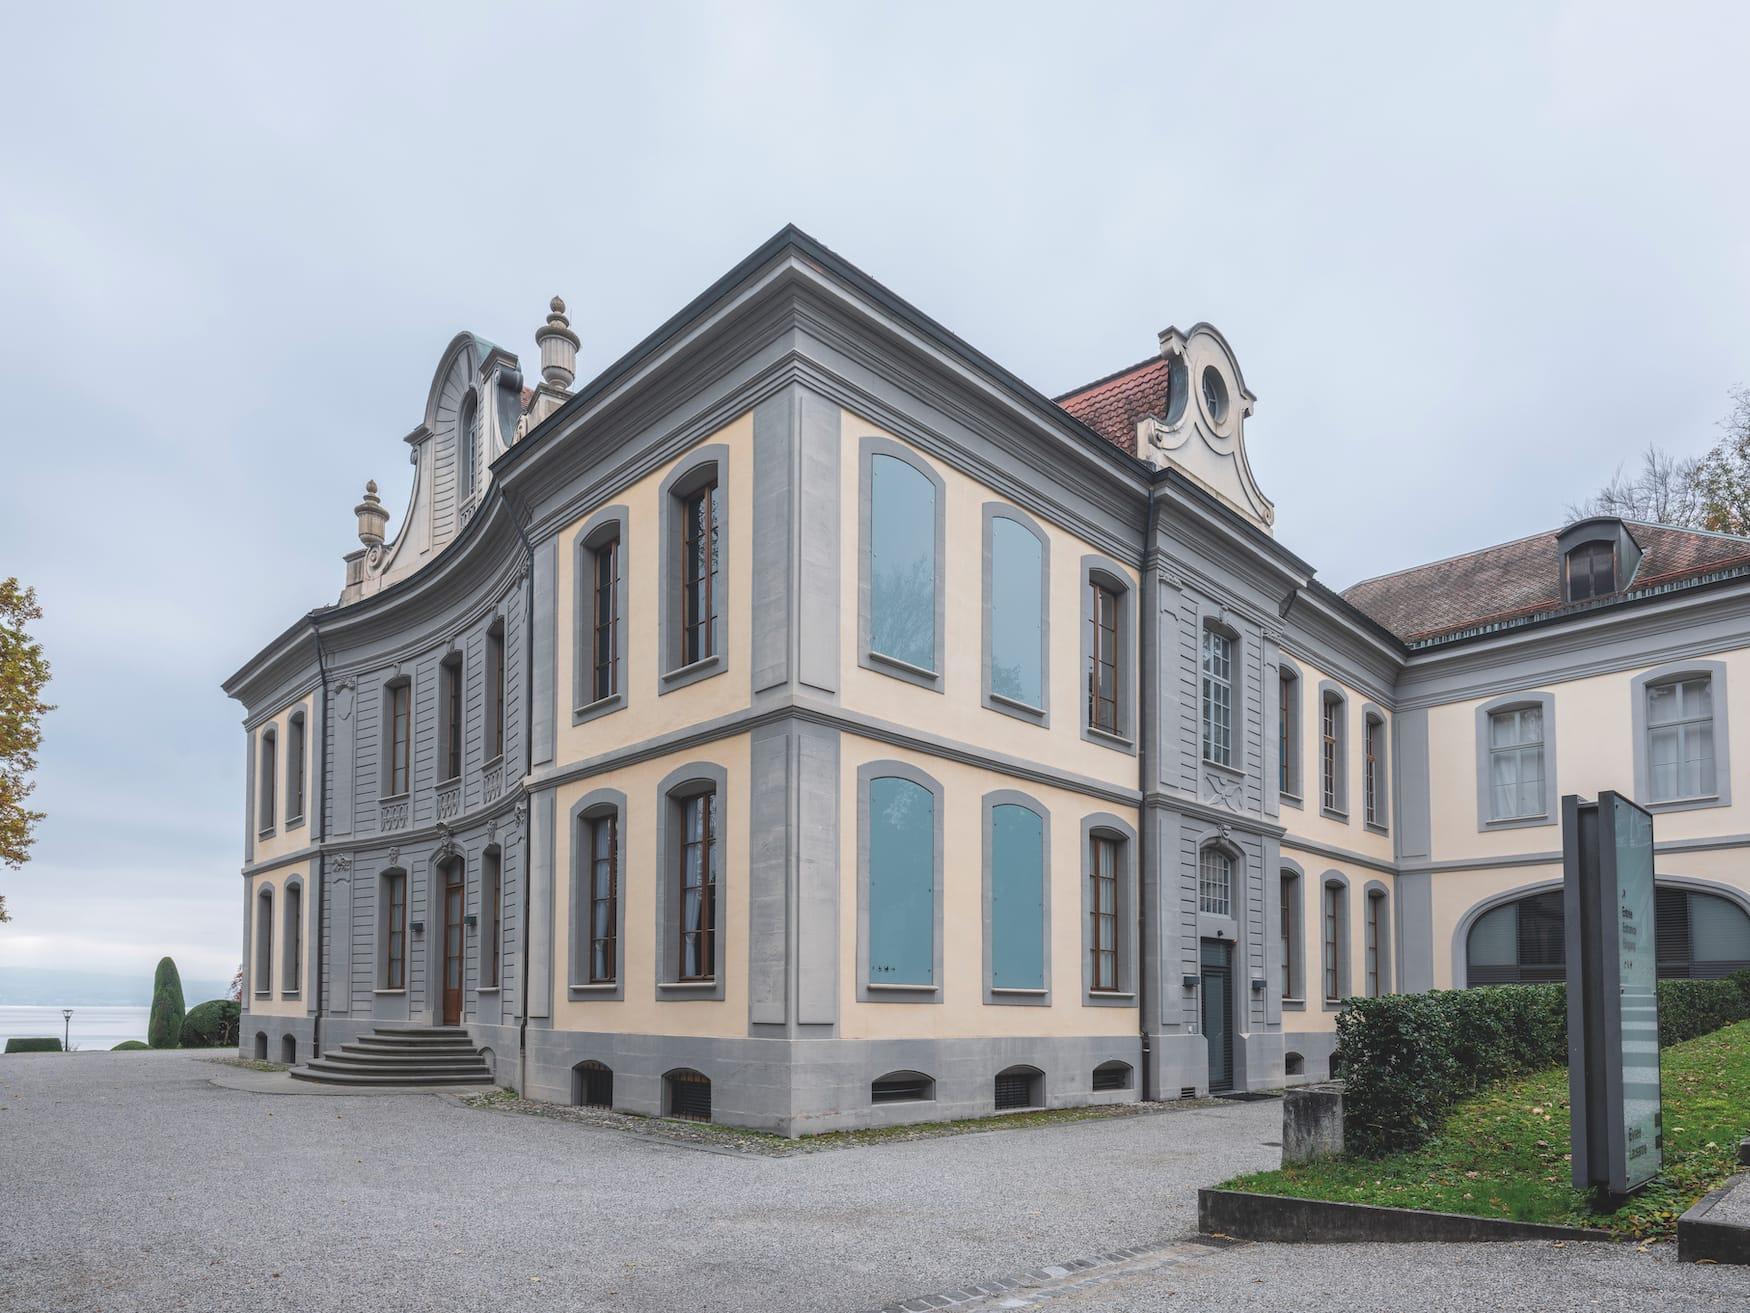 """Fassade des Museums """"Musée d'Elysée"""" in Lausanne, Schweiz"""